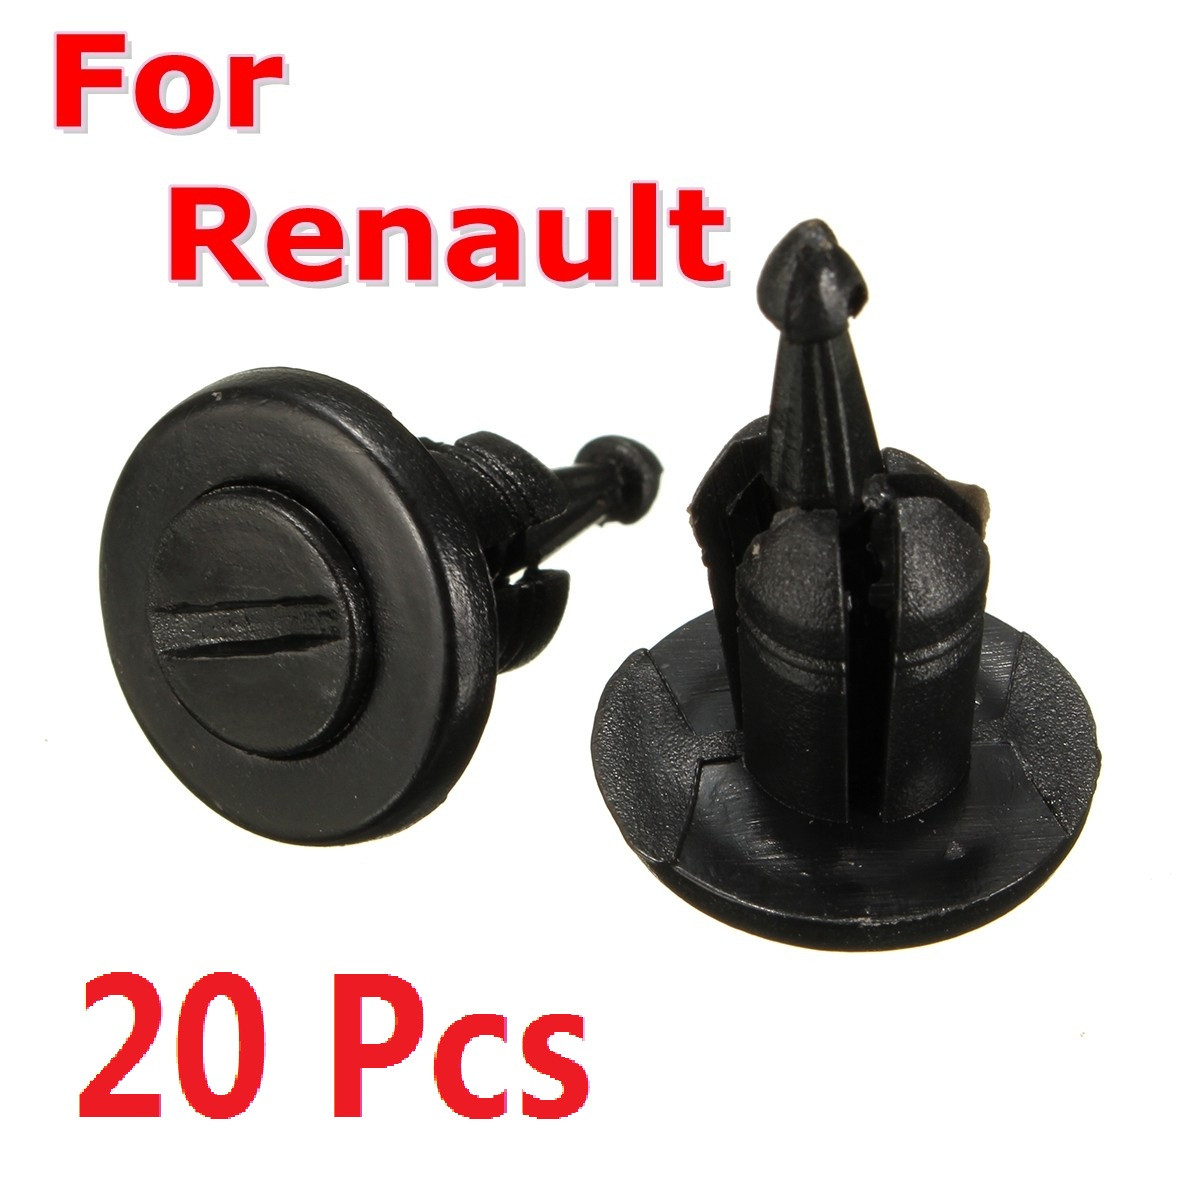 20Pcs Bumper Fastener Trim Clip Rivets For Renault Clio Laguna Megane Espace